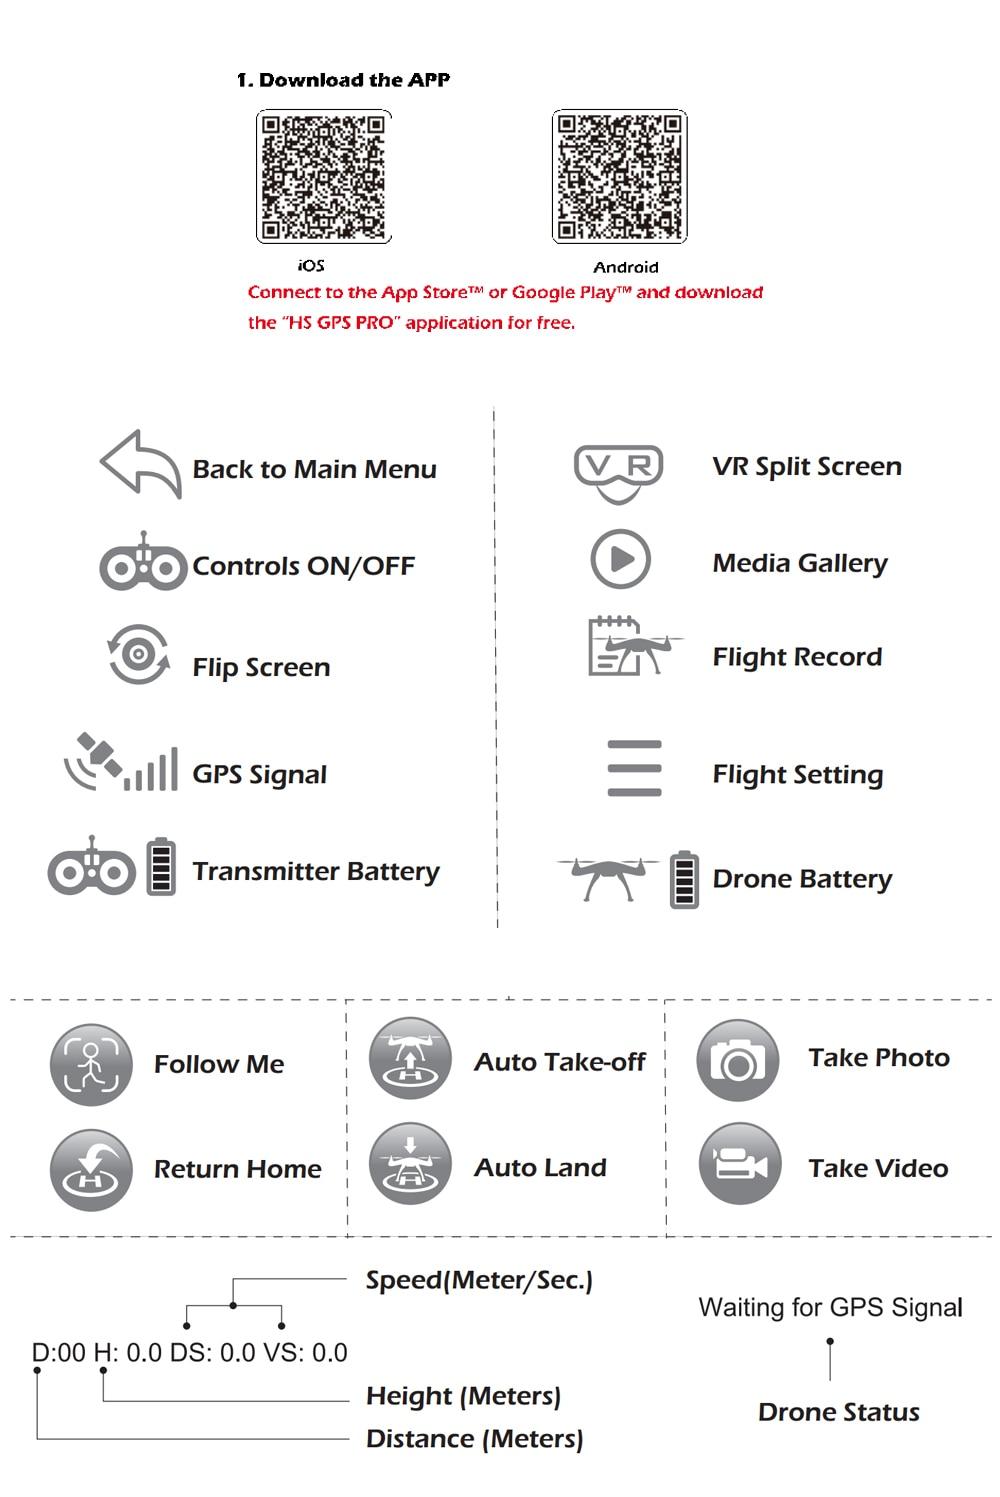 [EU USA JP Stock] Holy Stone HS100 GPS Selfie FPV Drone 500m Flight Range 2500mAh 1080P 7P Camera RC Quadcopter No Tax to EU 23